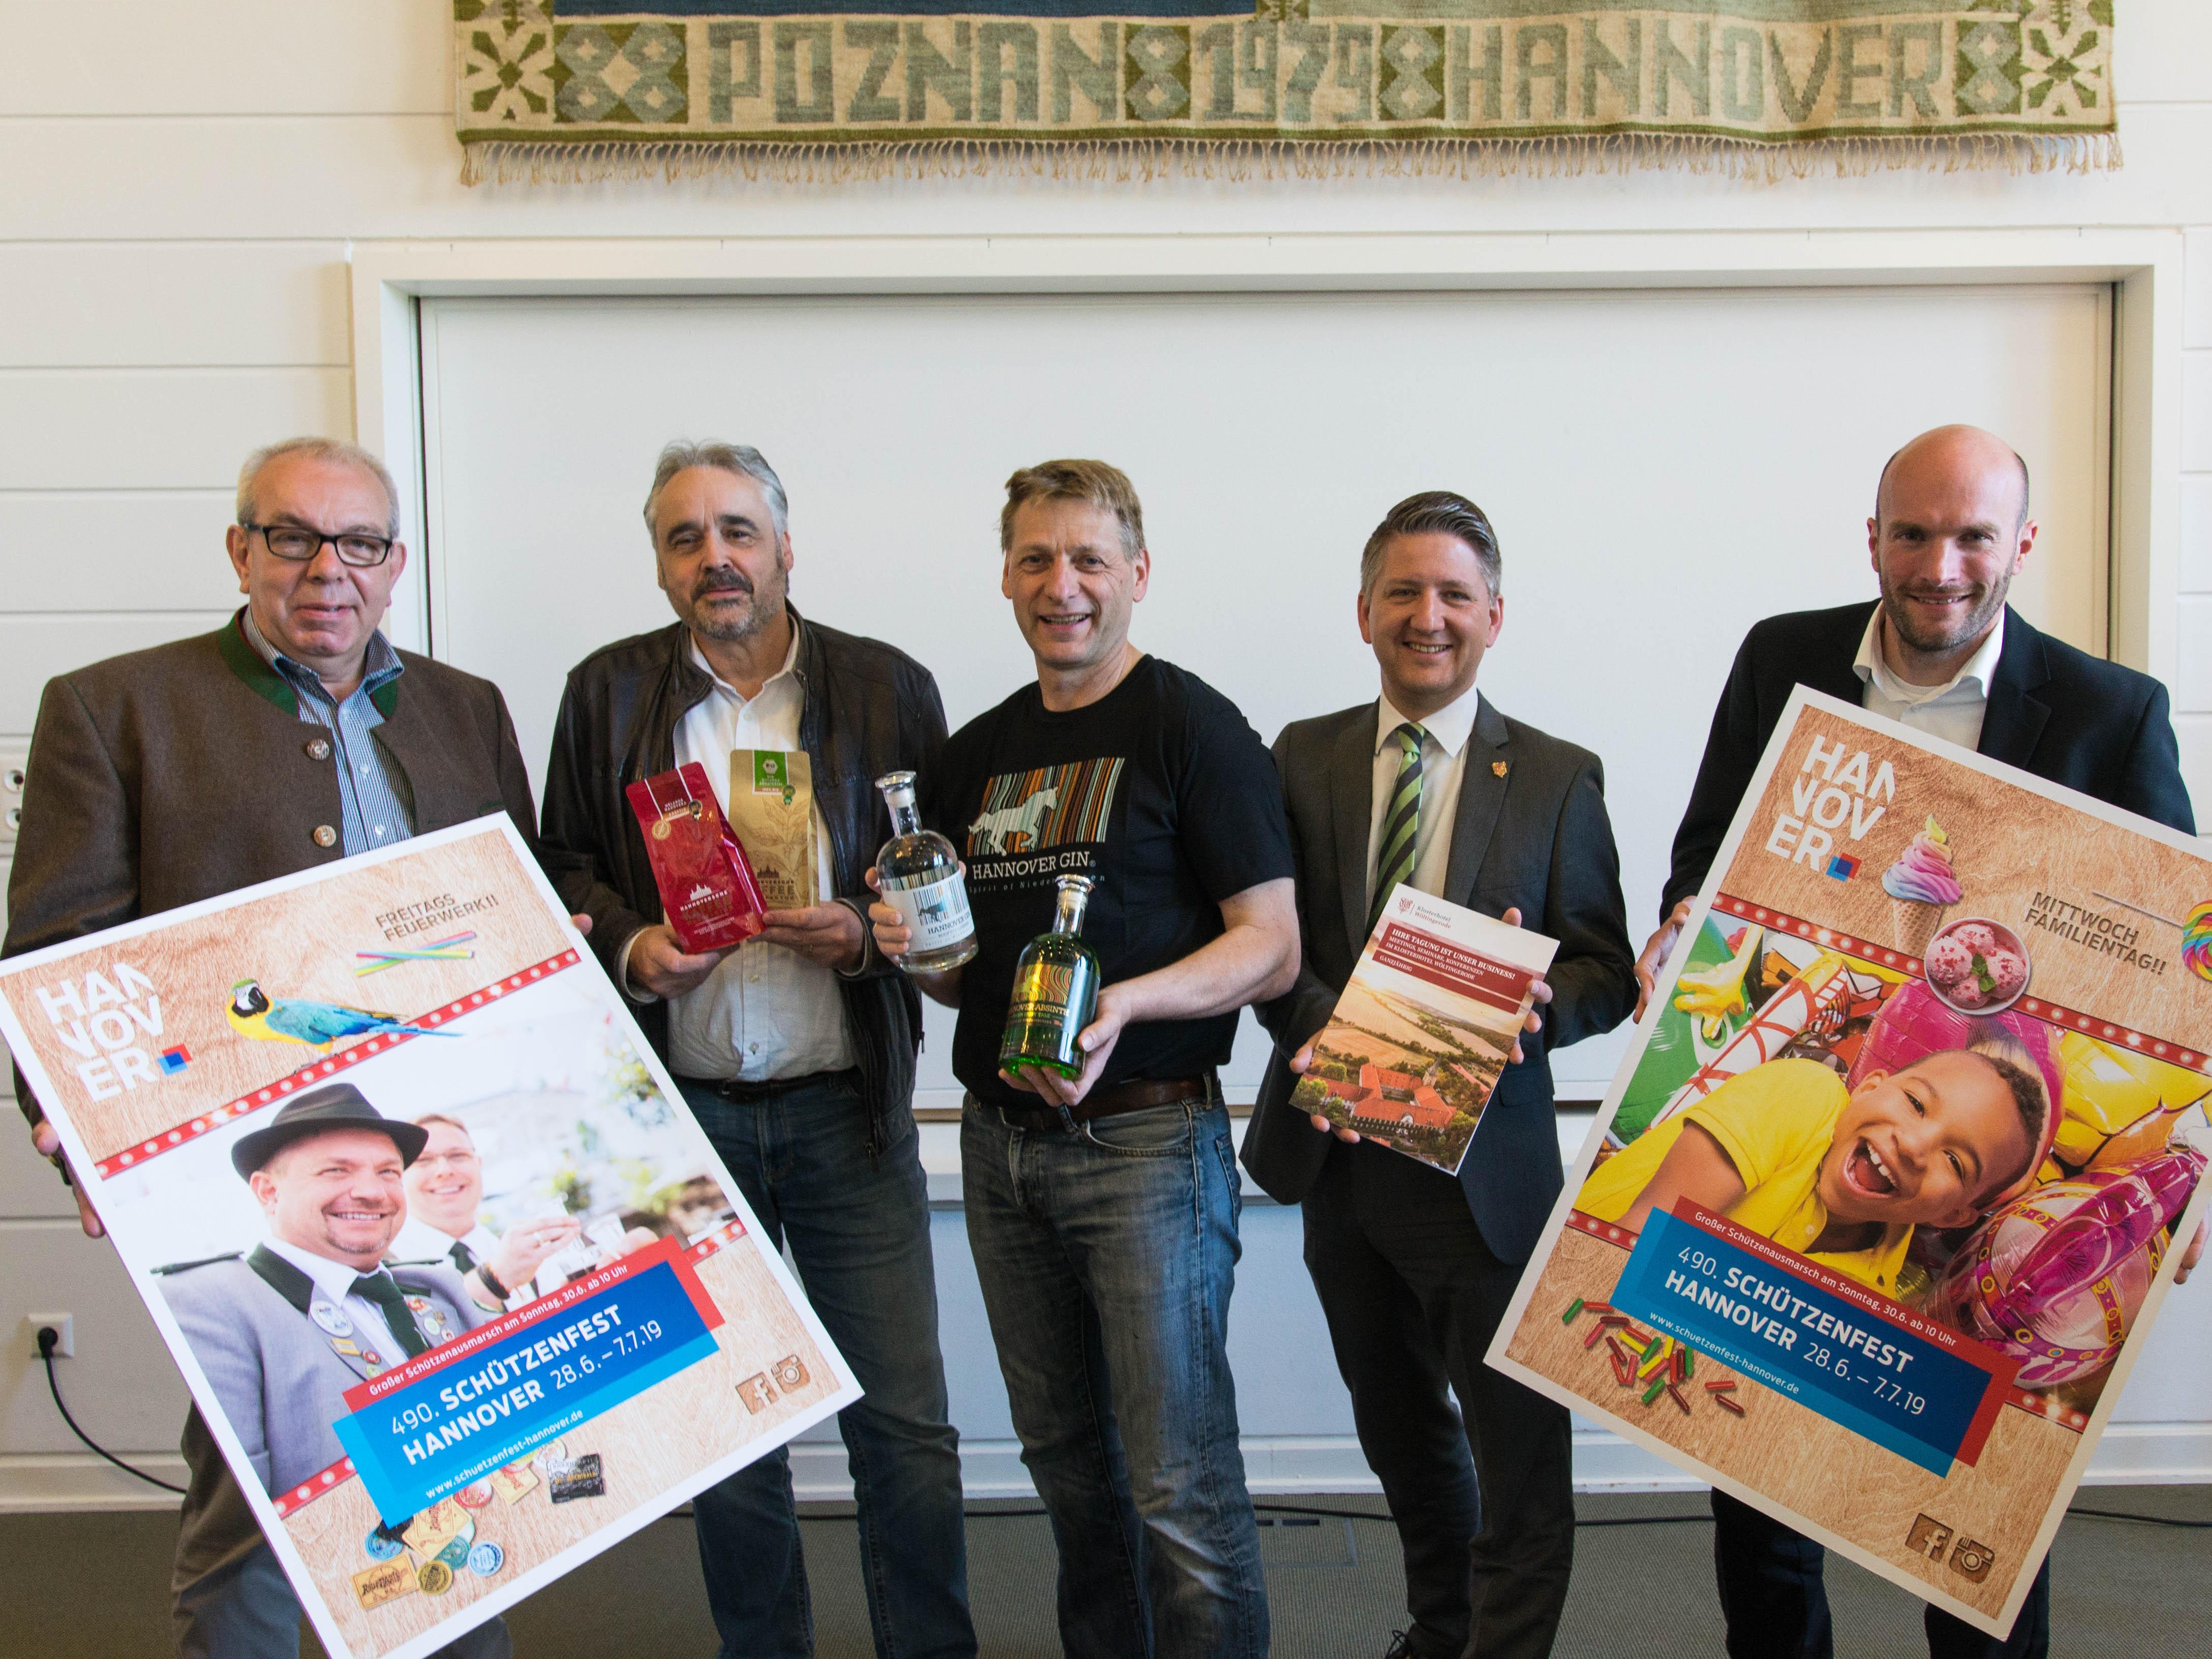 Fünf Männer mit Plakaten, Flaschen, Kaffee und einer Mappe.